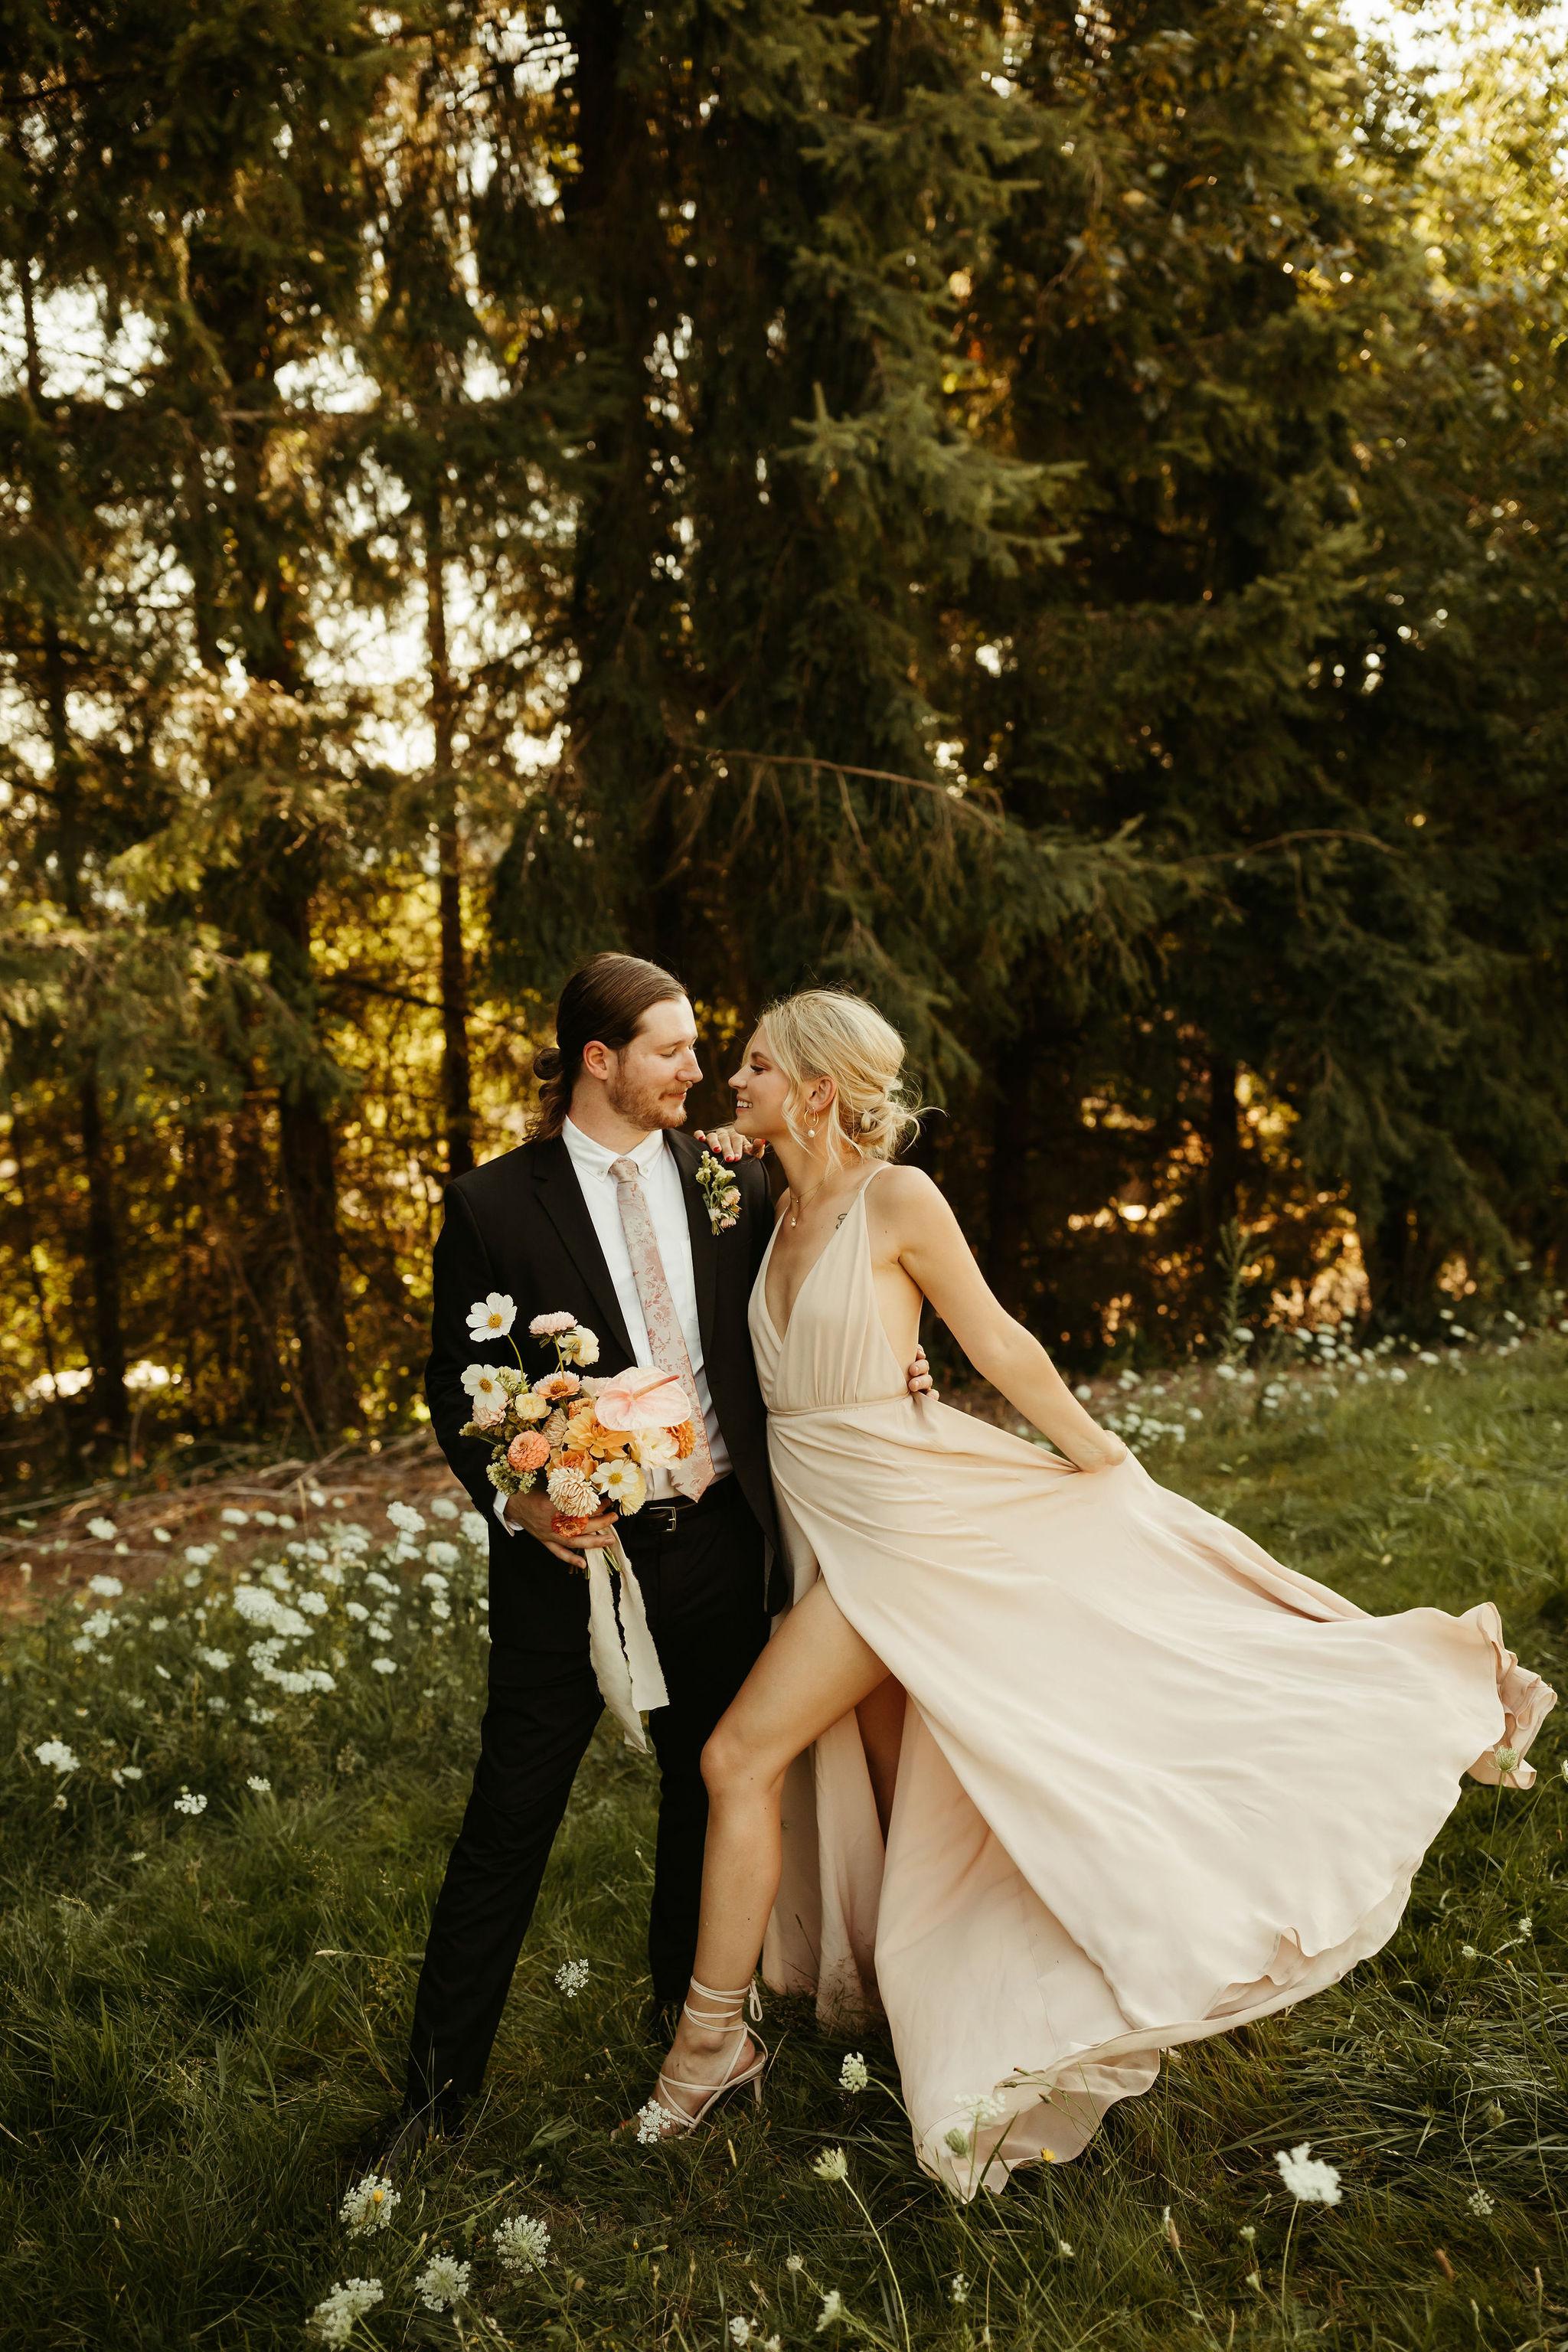 bride in nontraditional nonwhite wedding dress